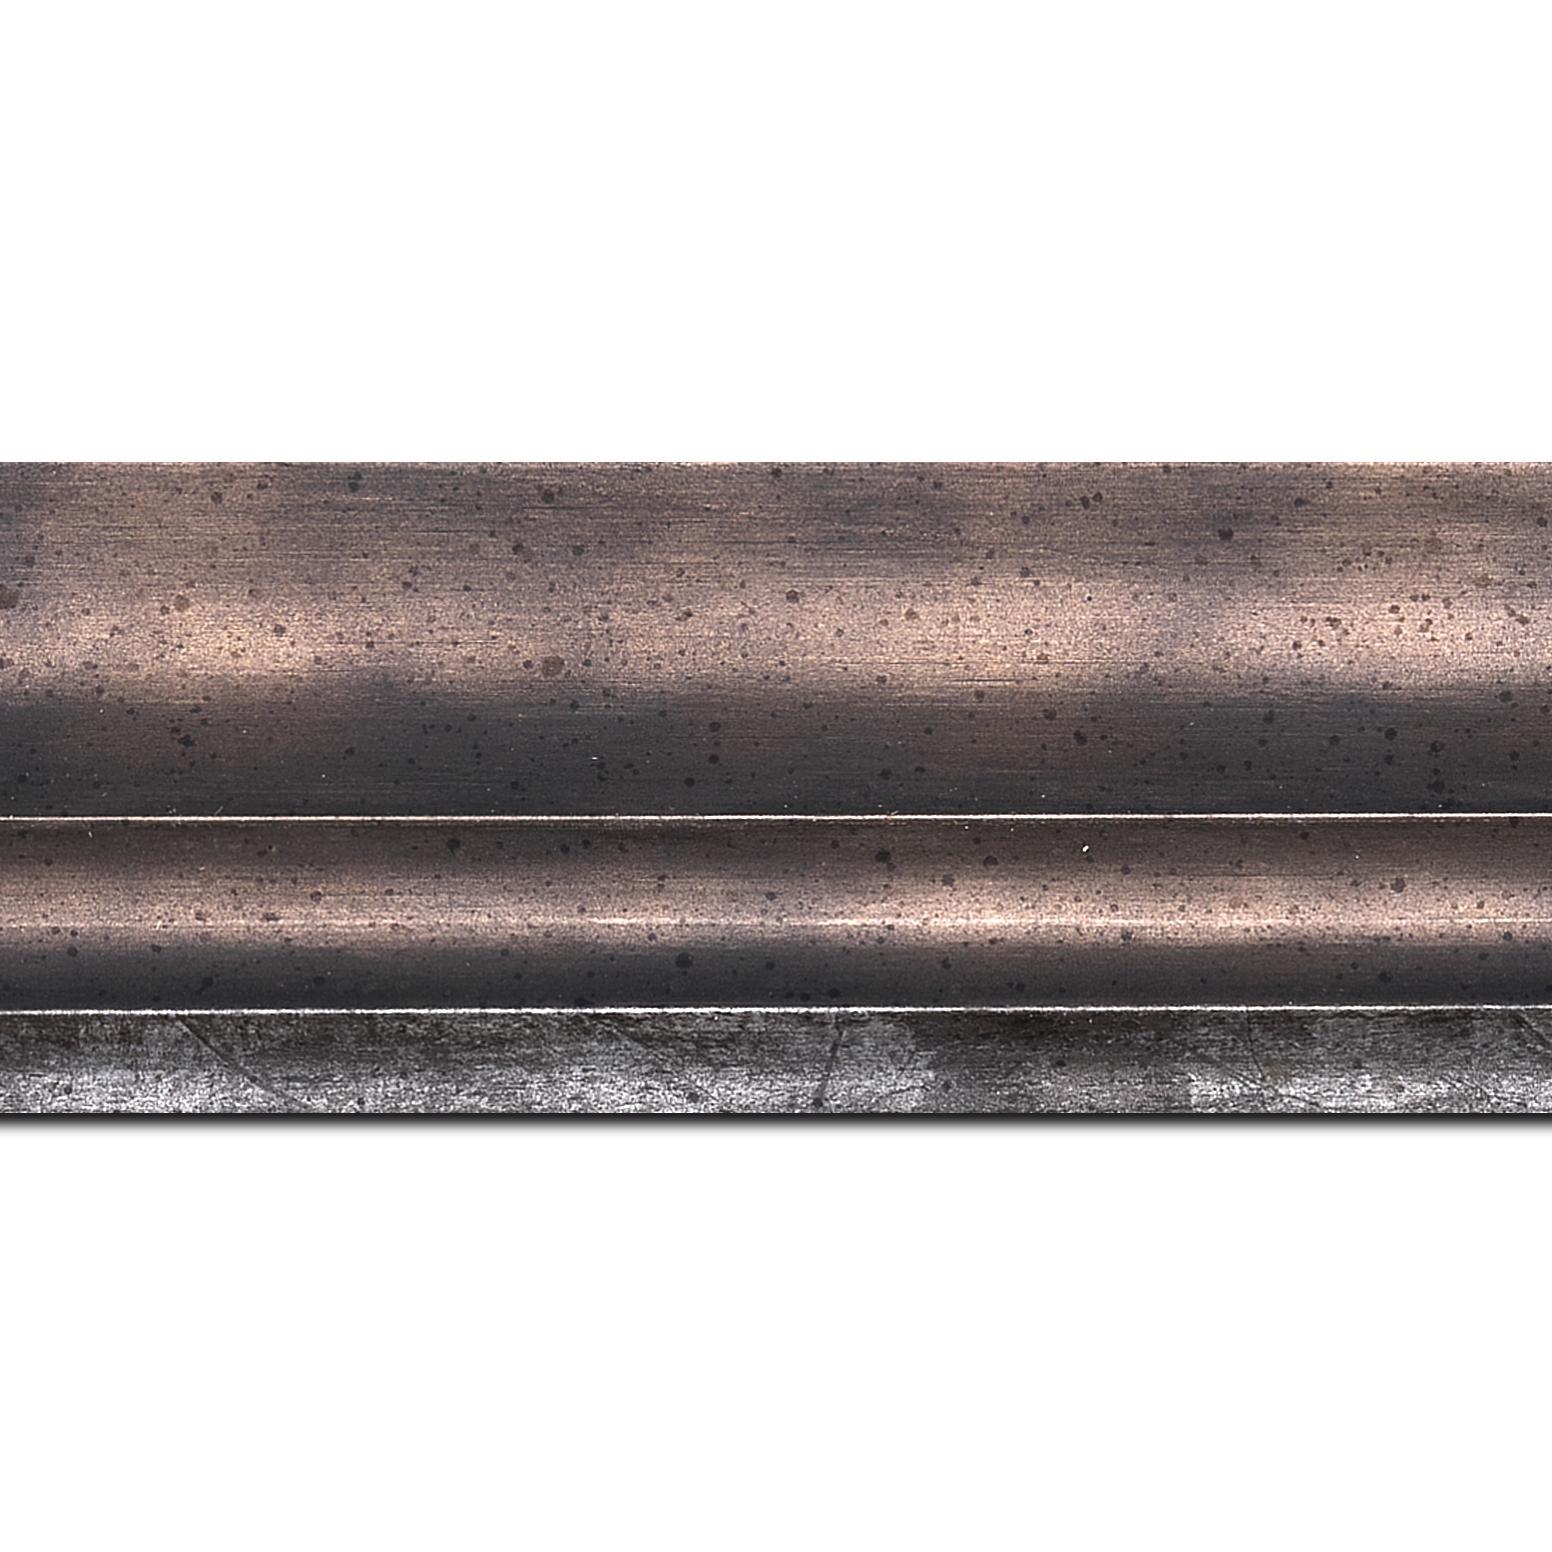 Pack par 12m, bois profil plat ondulé largeur 5.9cm plombs foncé (longueur baguette pouvant varier entre 2.40m et 3m selon arrivage des bois)